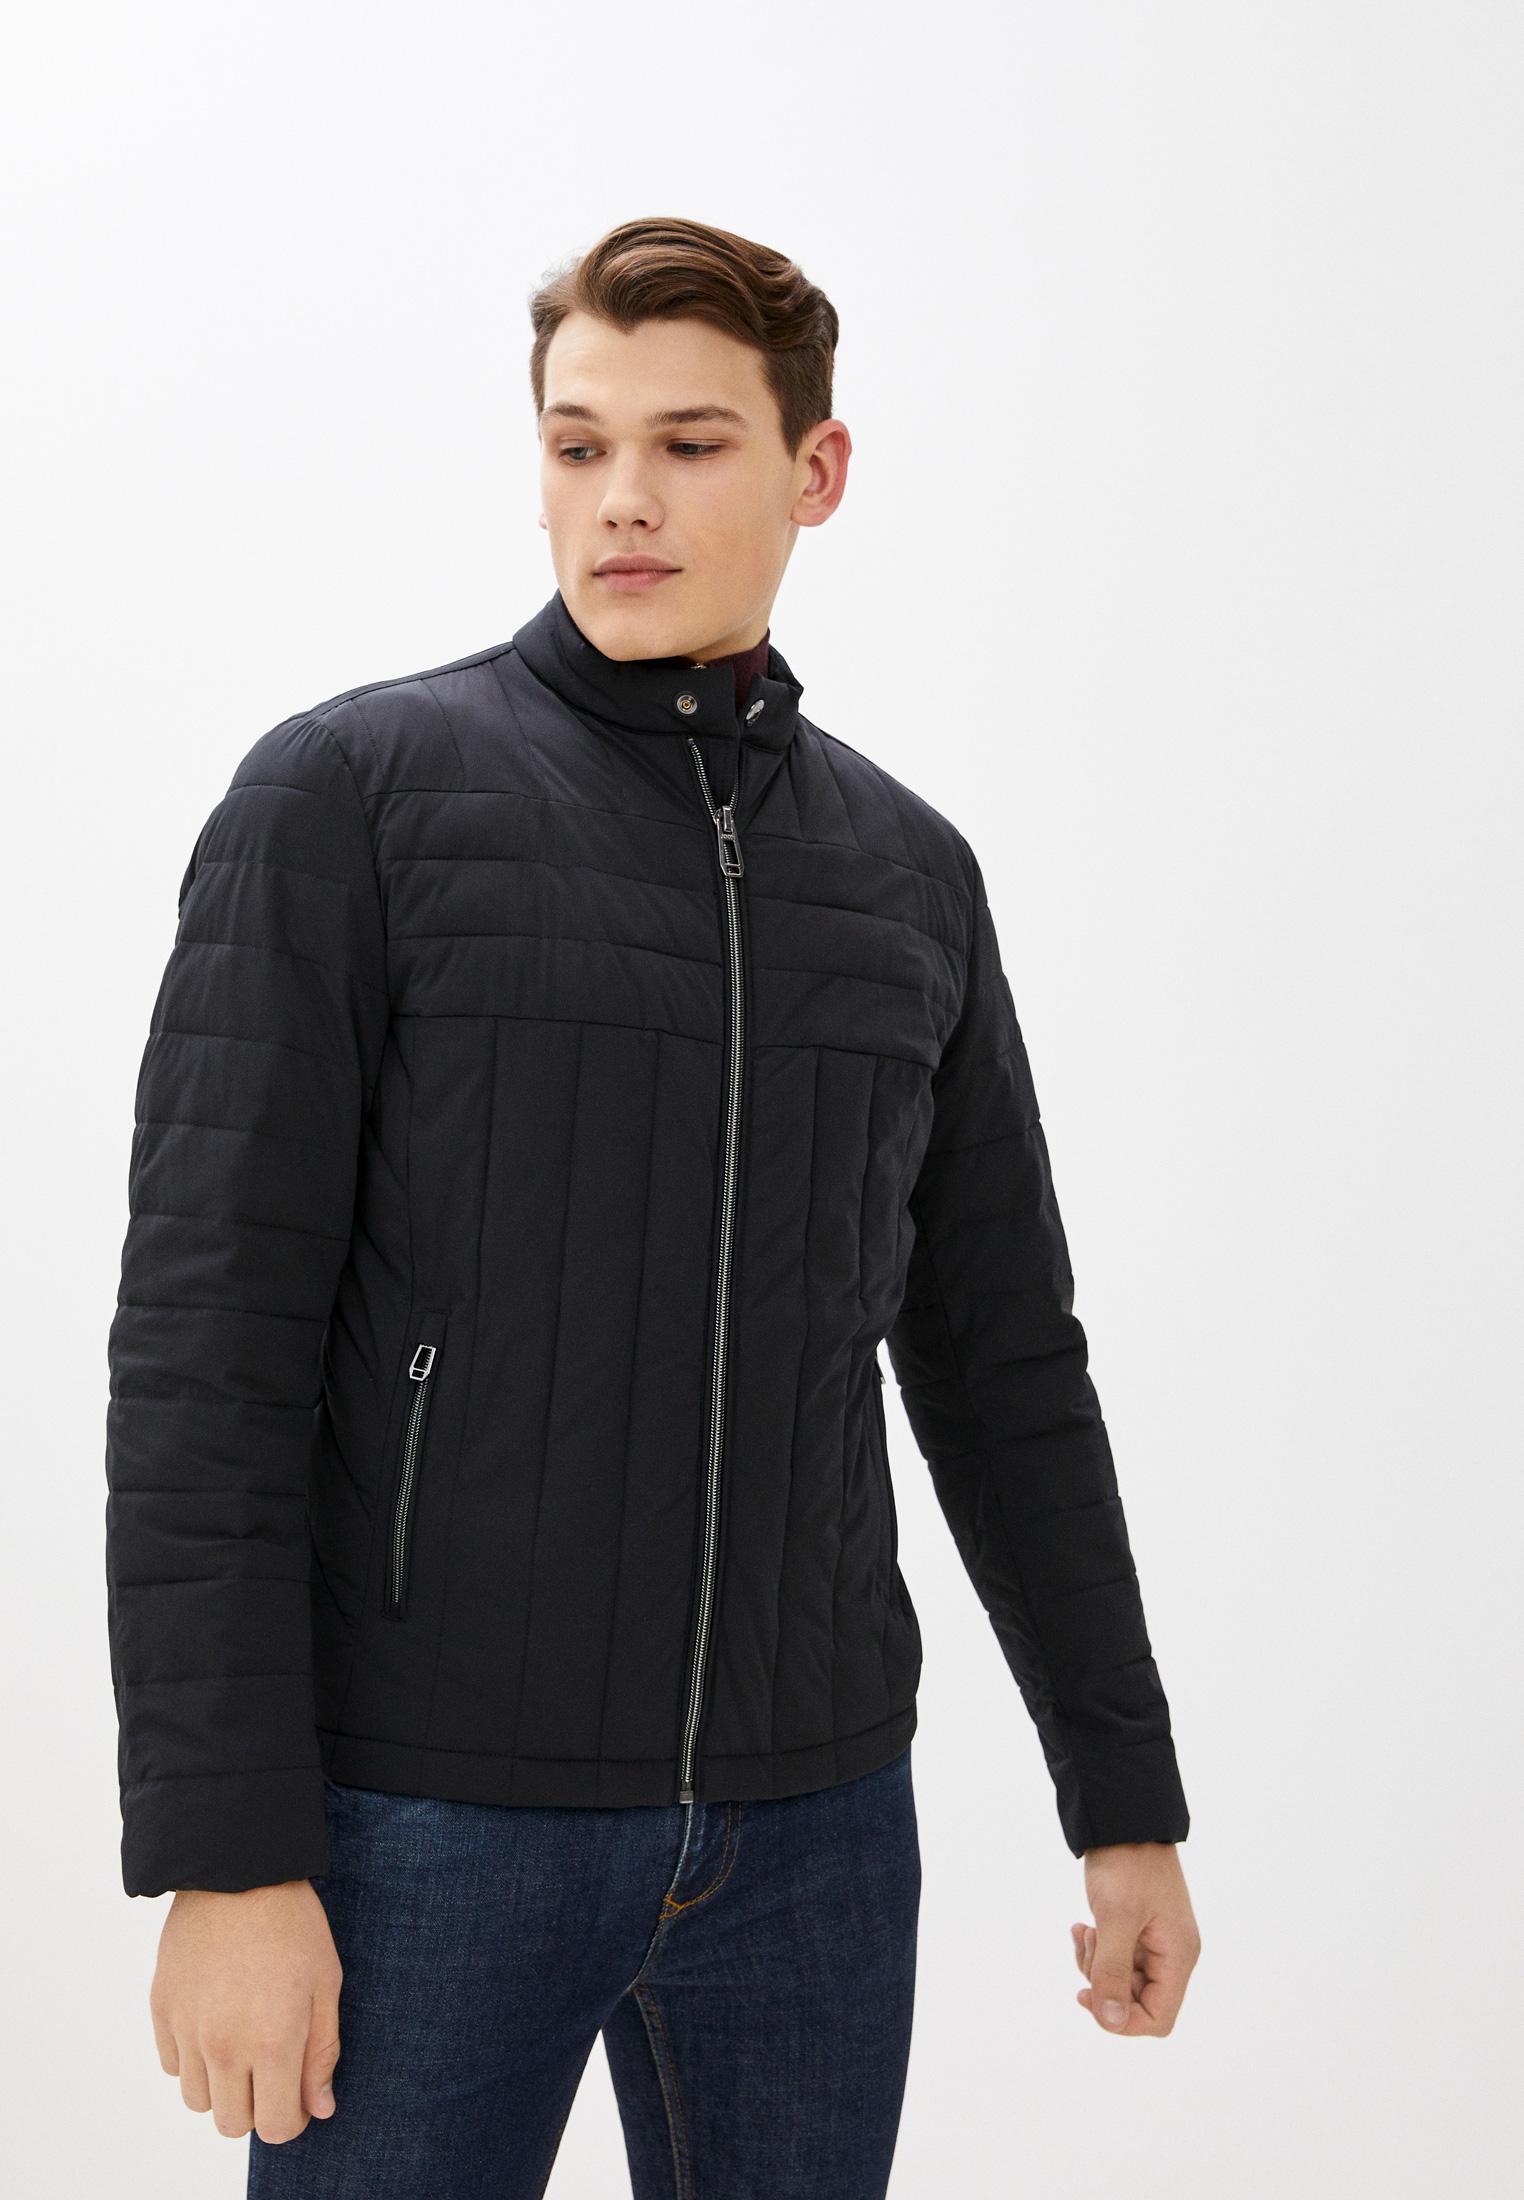 Утепленная куртка JOOP! Куртка утепленная Joop!